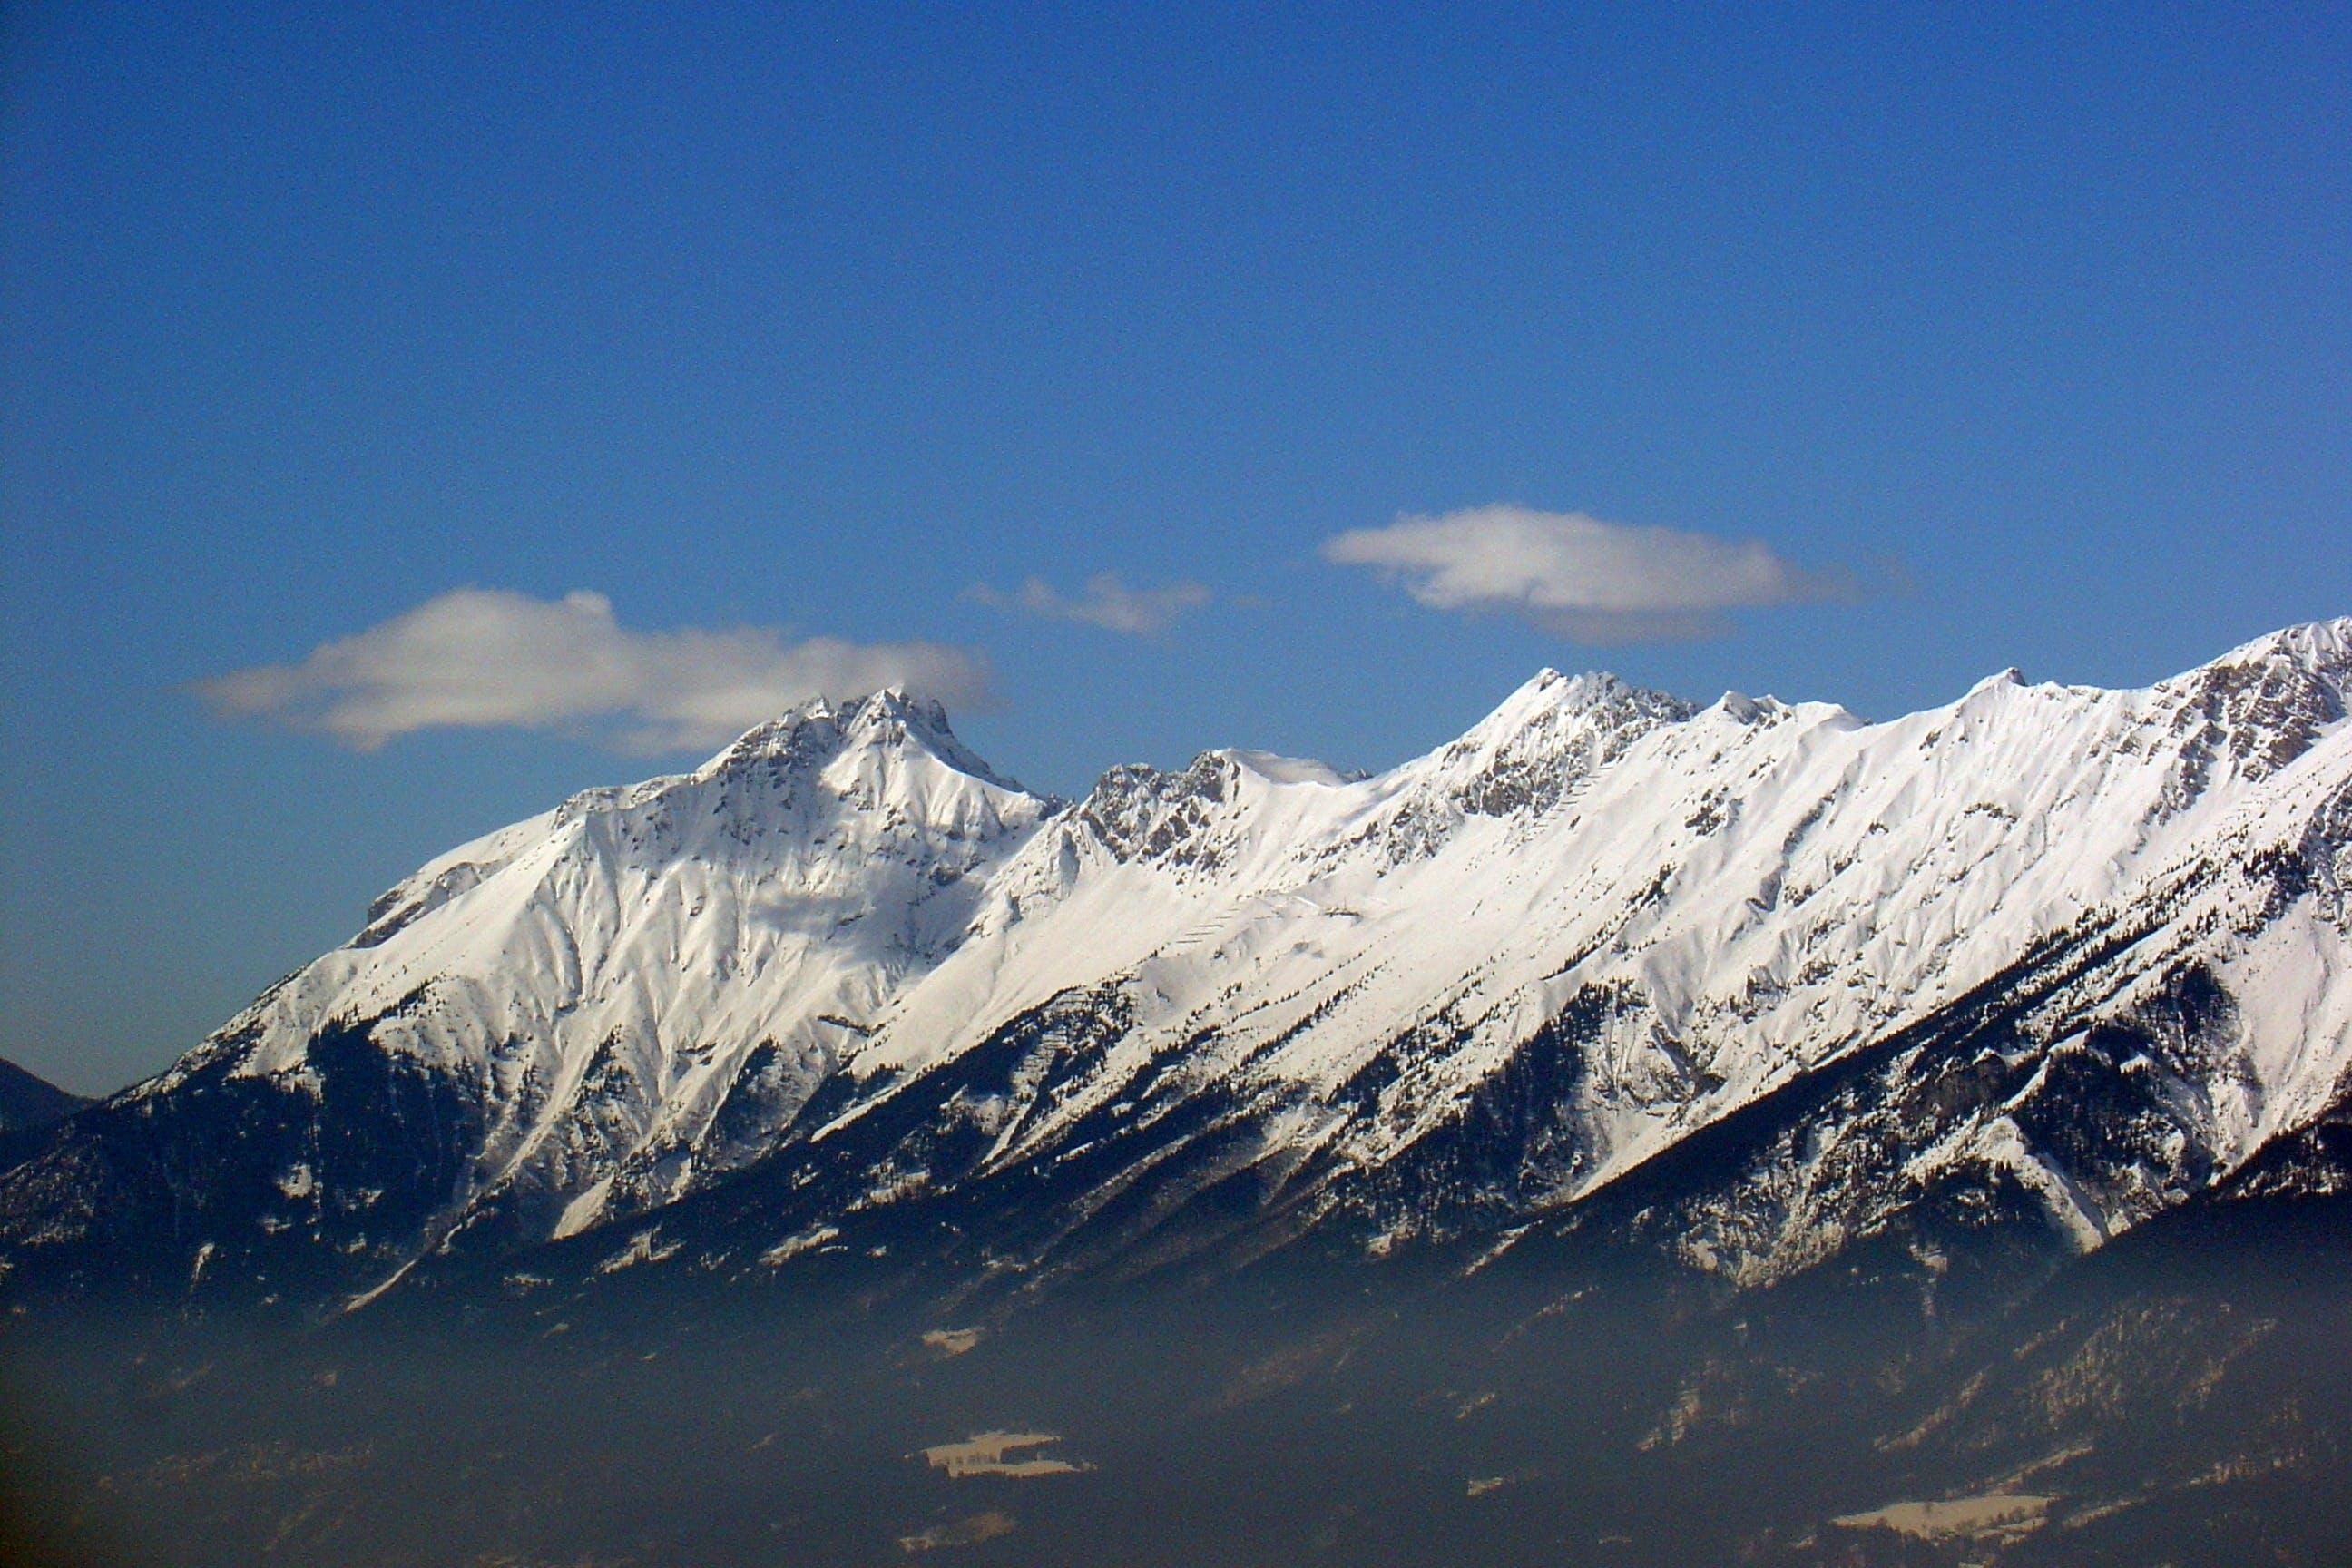 с Альпийский, альпинизм, восходить, высокий